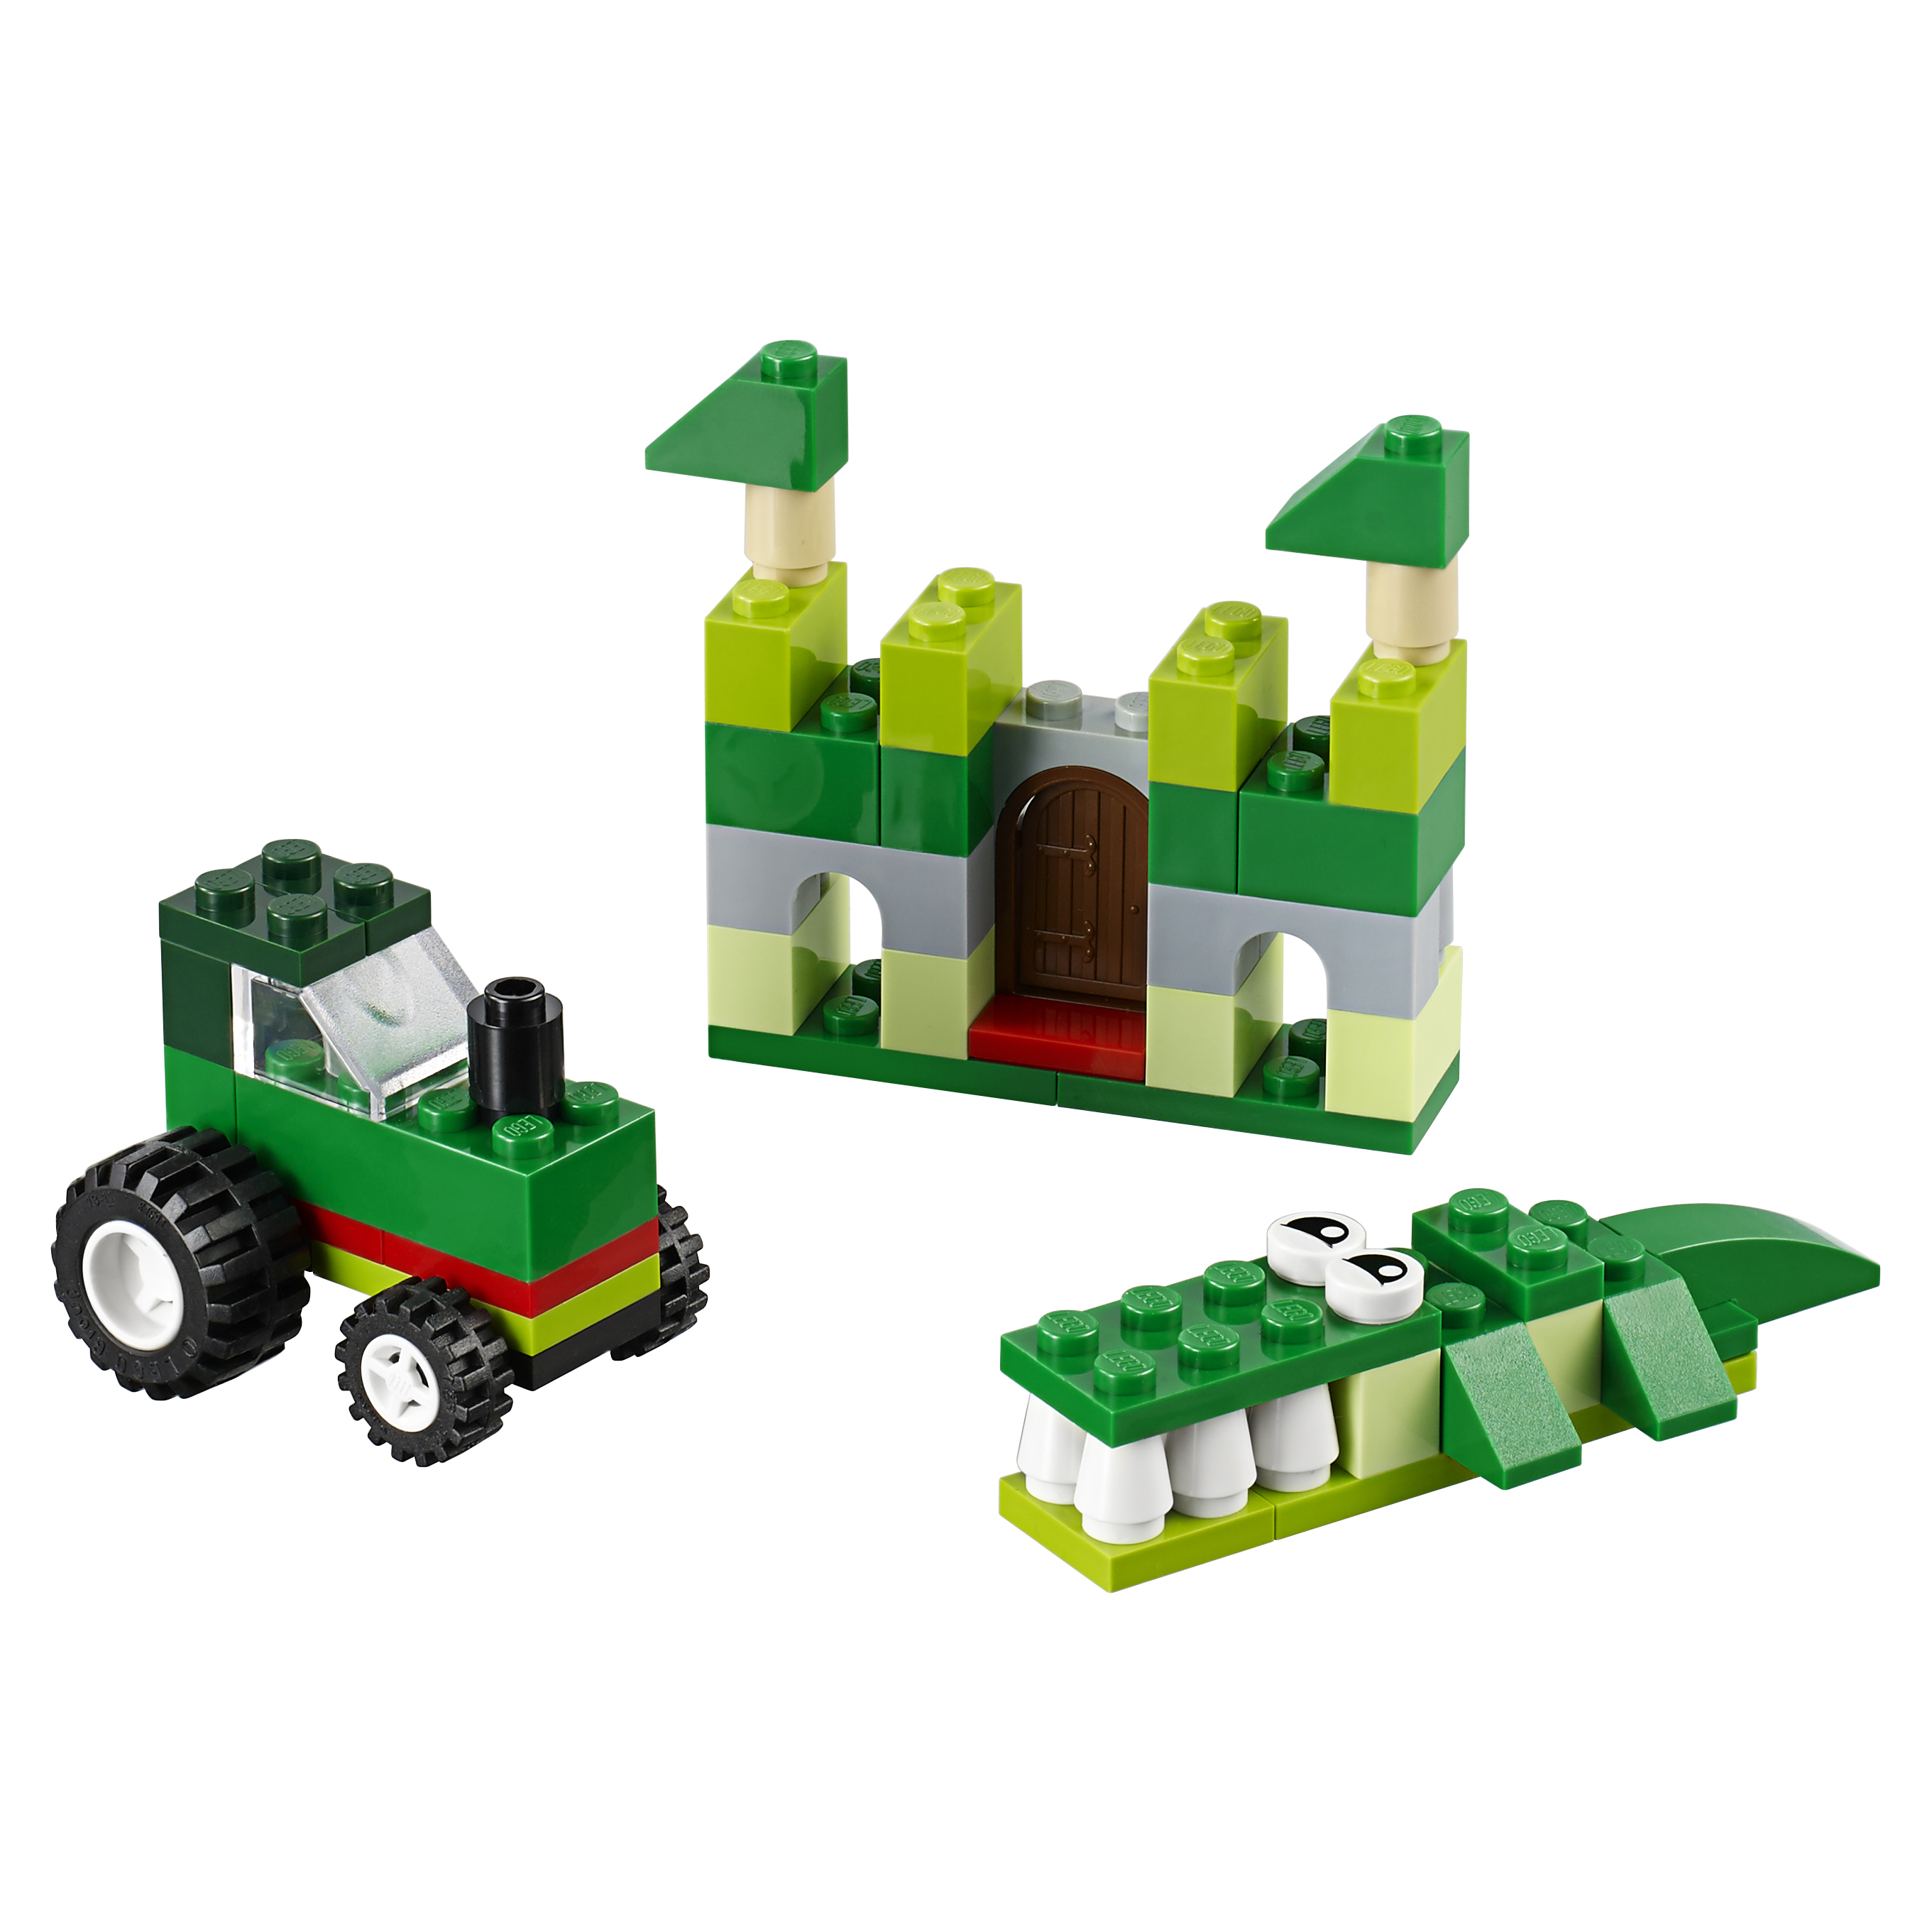 Купить Конструктор lego classic зелёный набор для творчества 10708, Конструктор LEGO Classic Зелёный набор для творчества (10708),